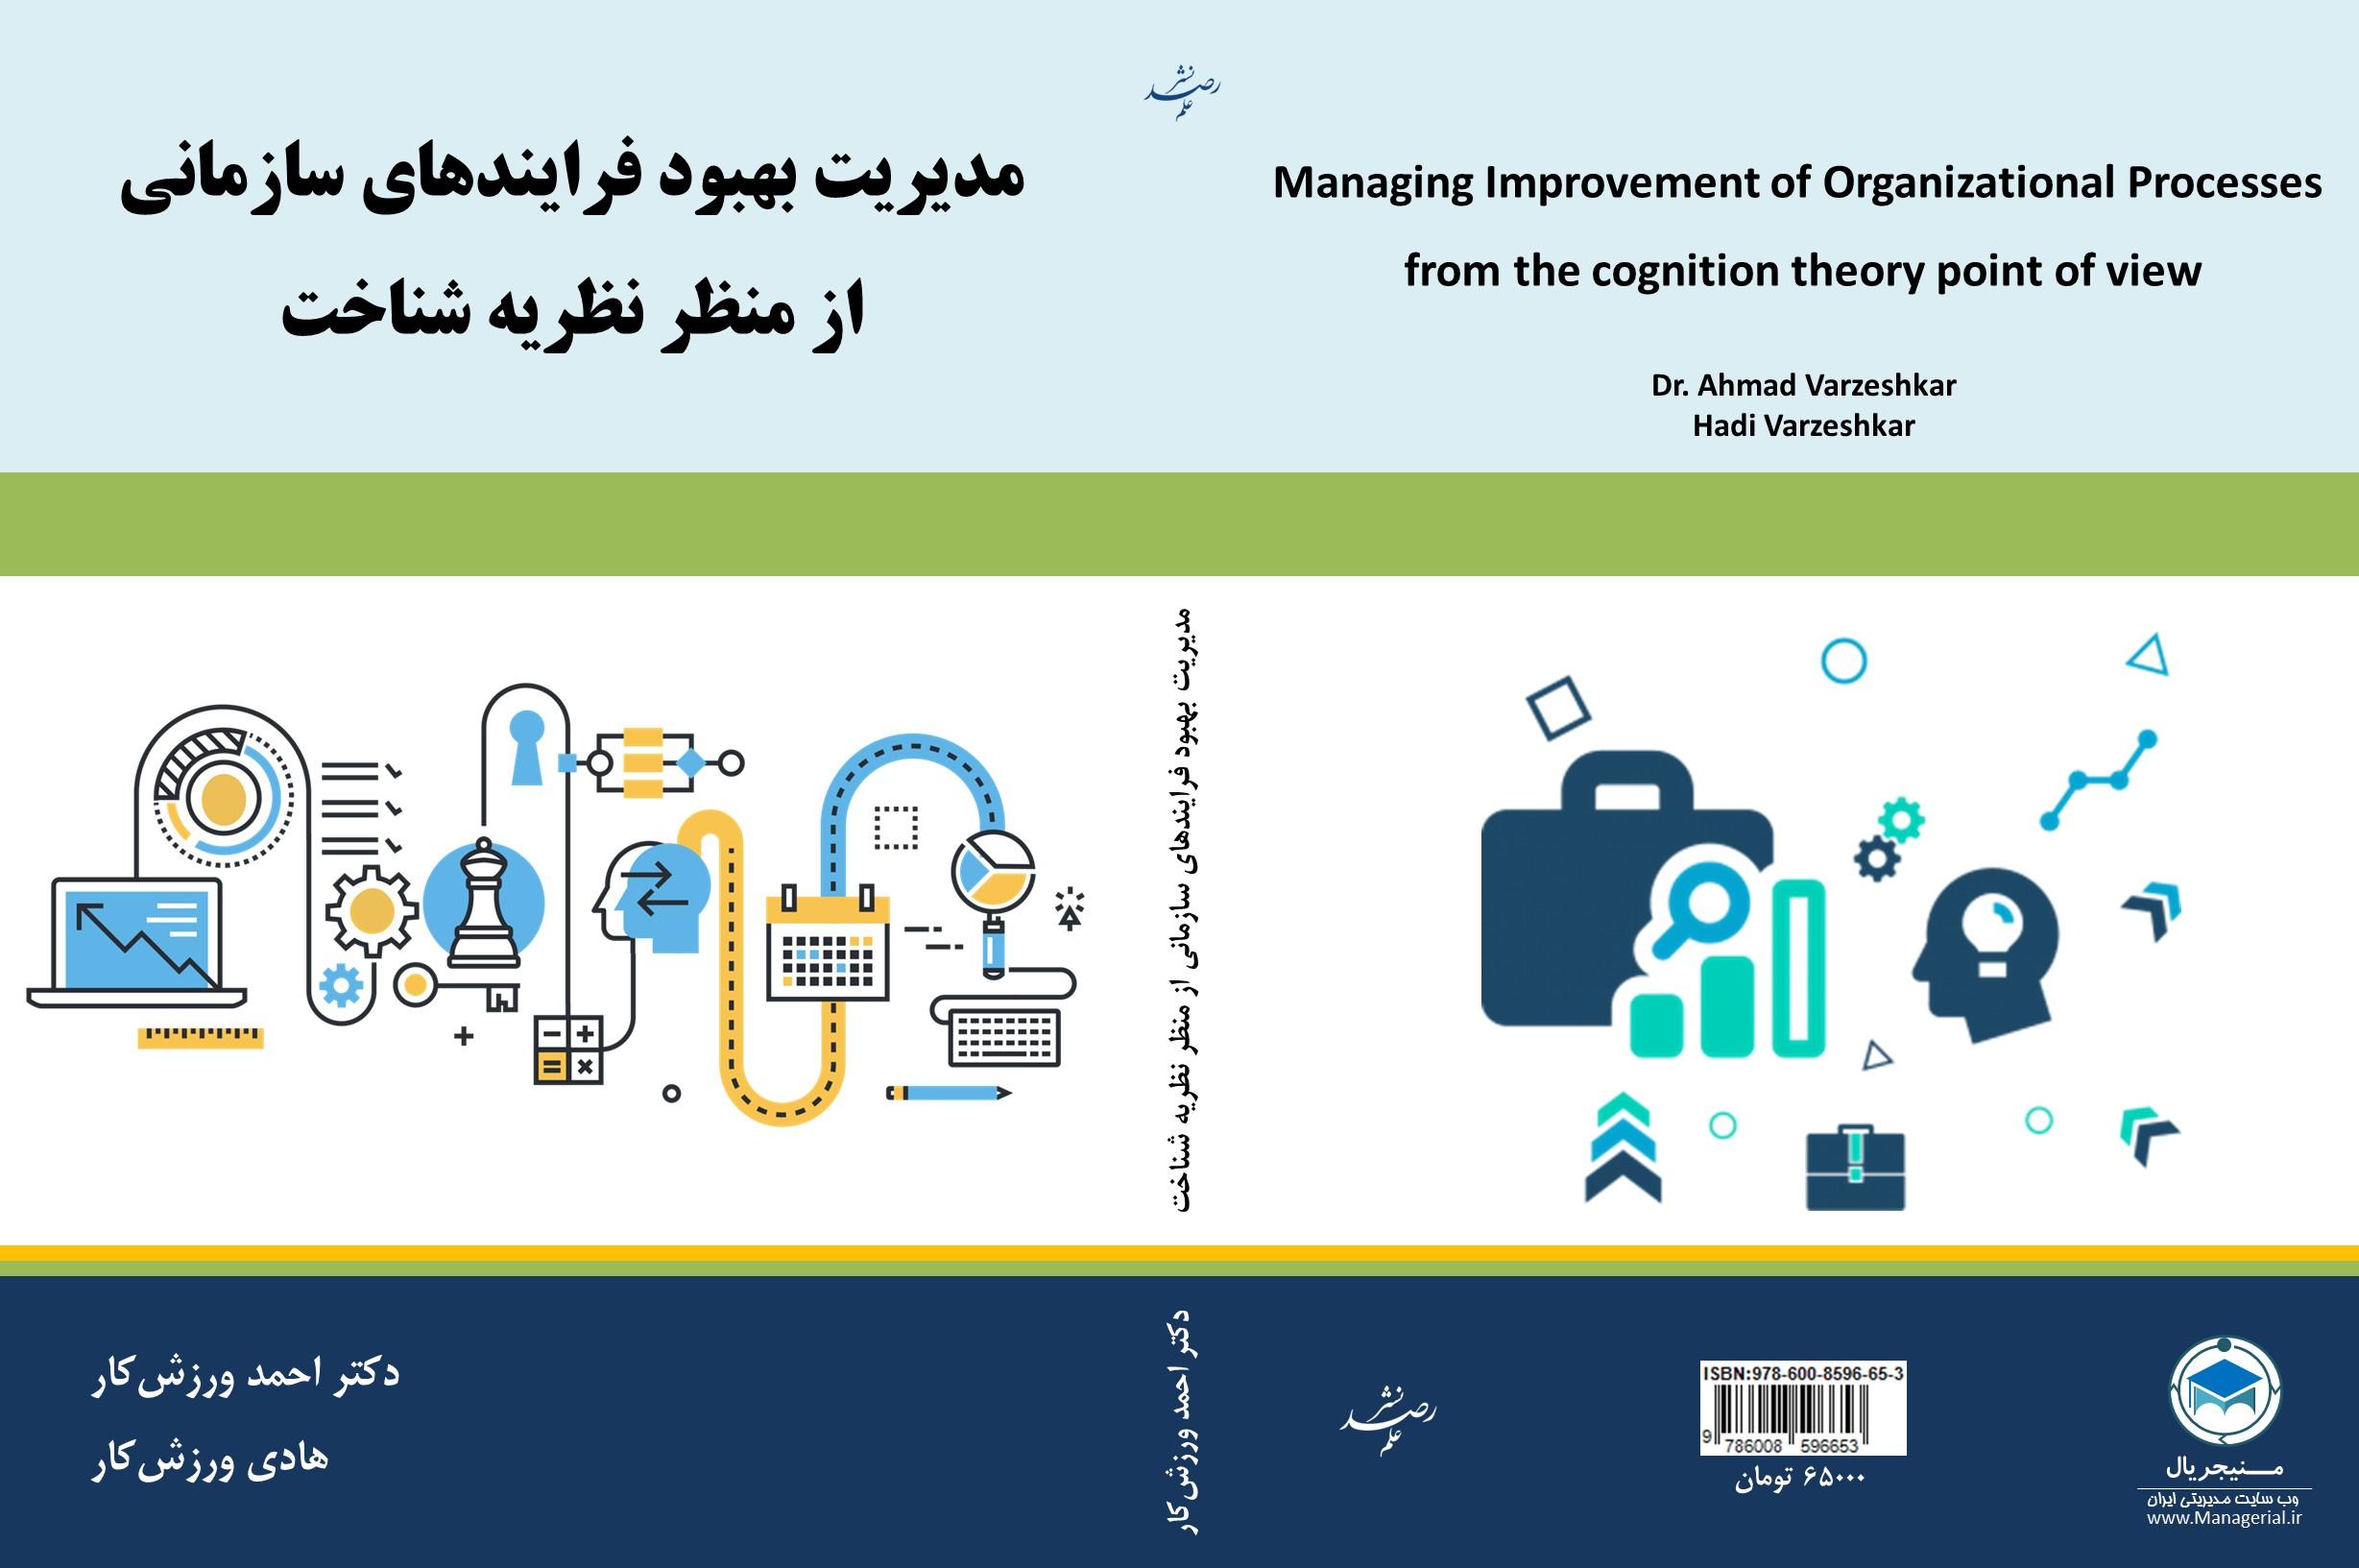 معرفی کتاب مدیریت بهبود فرایندهای سازمانی از منظر نظریه شناخت